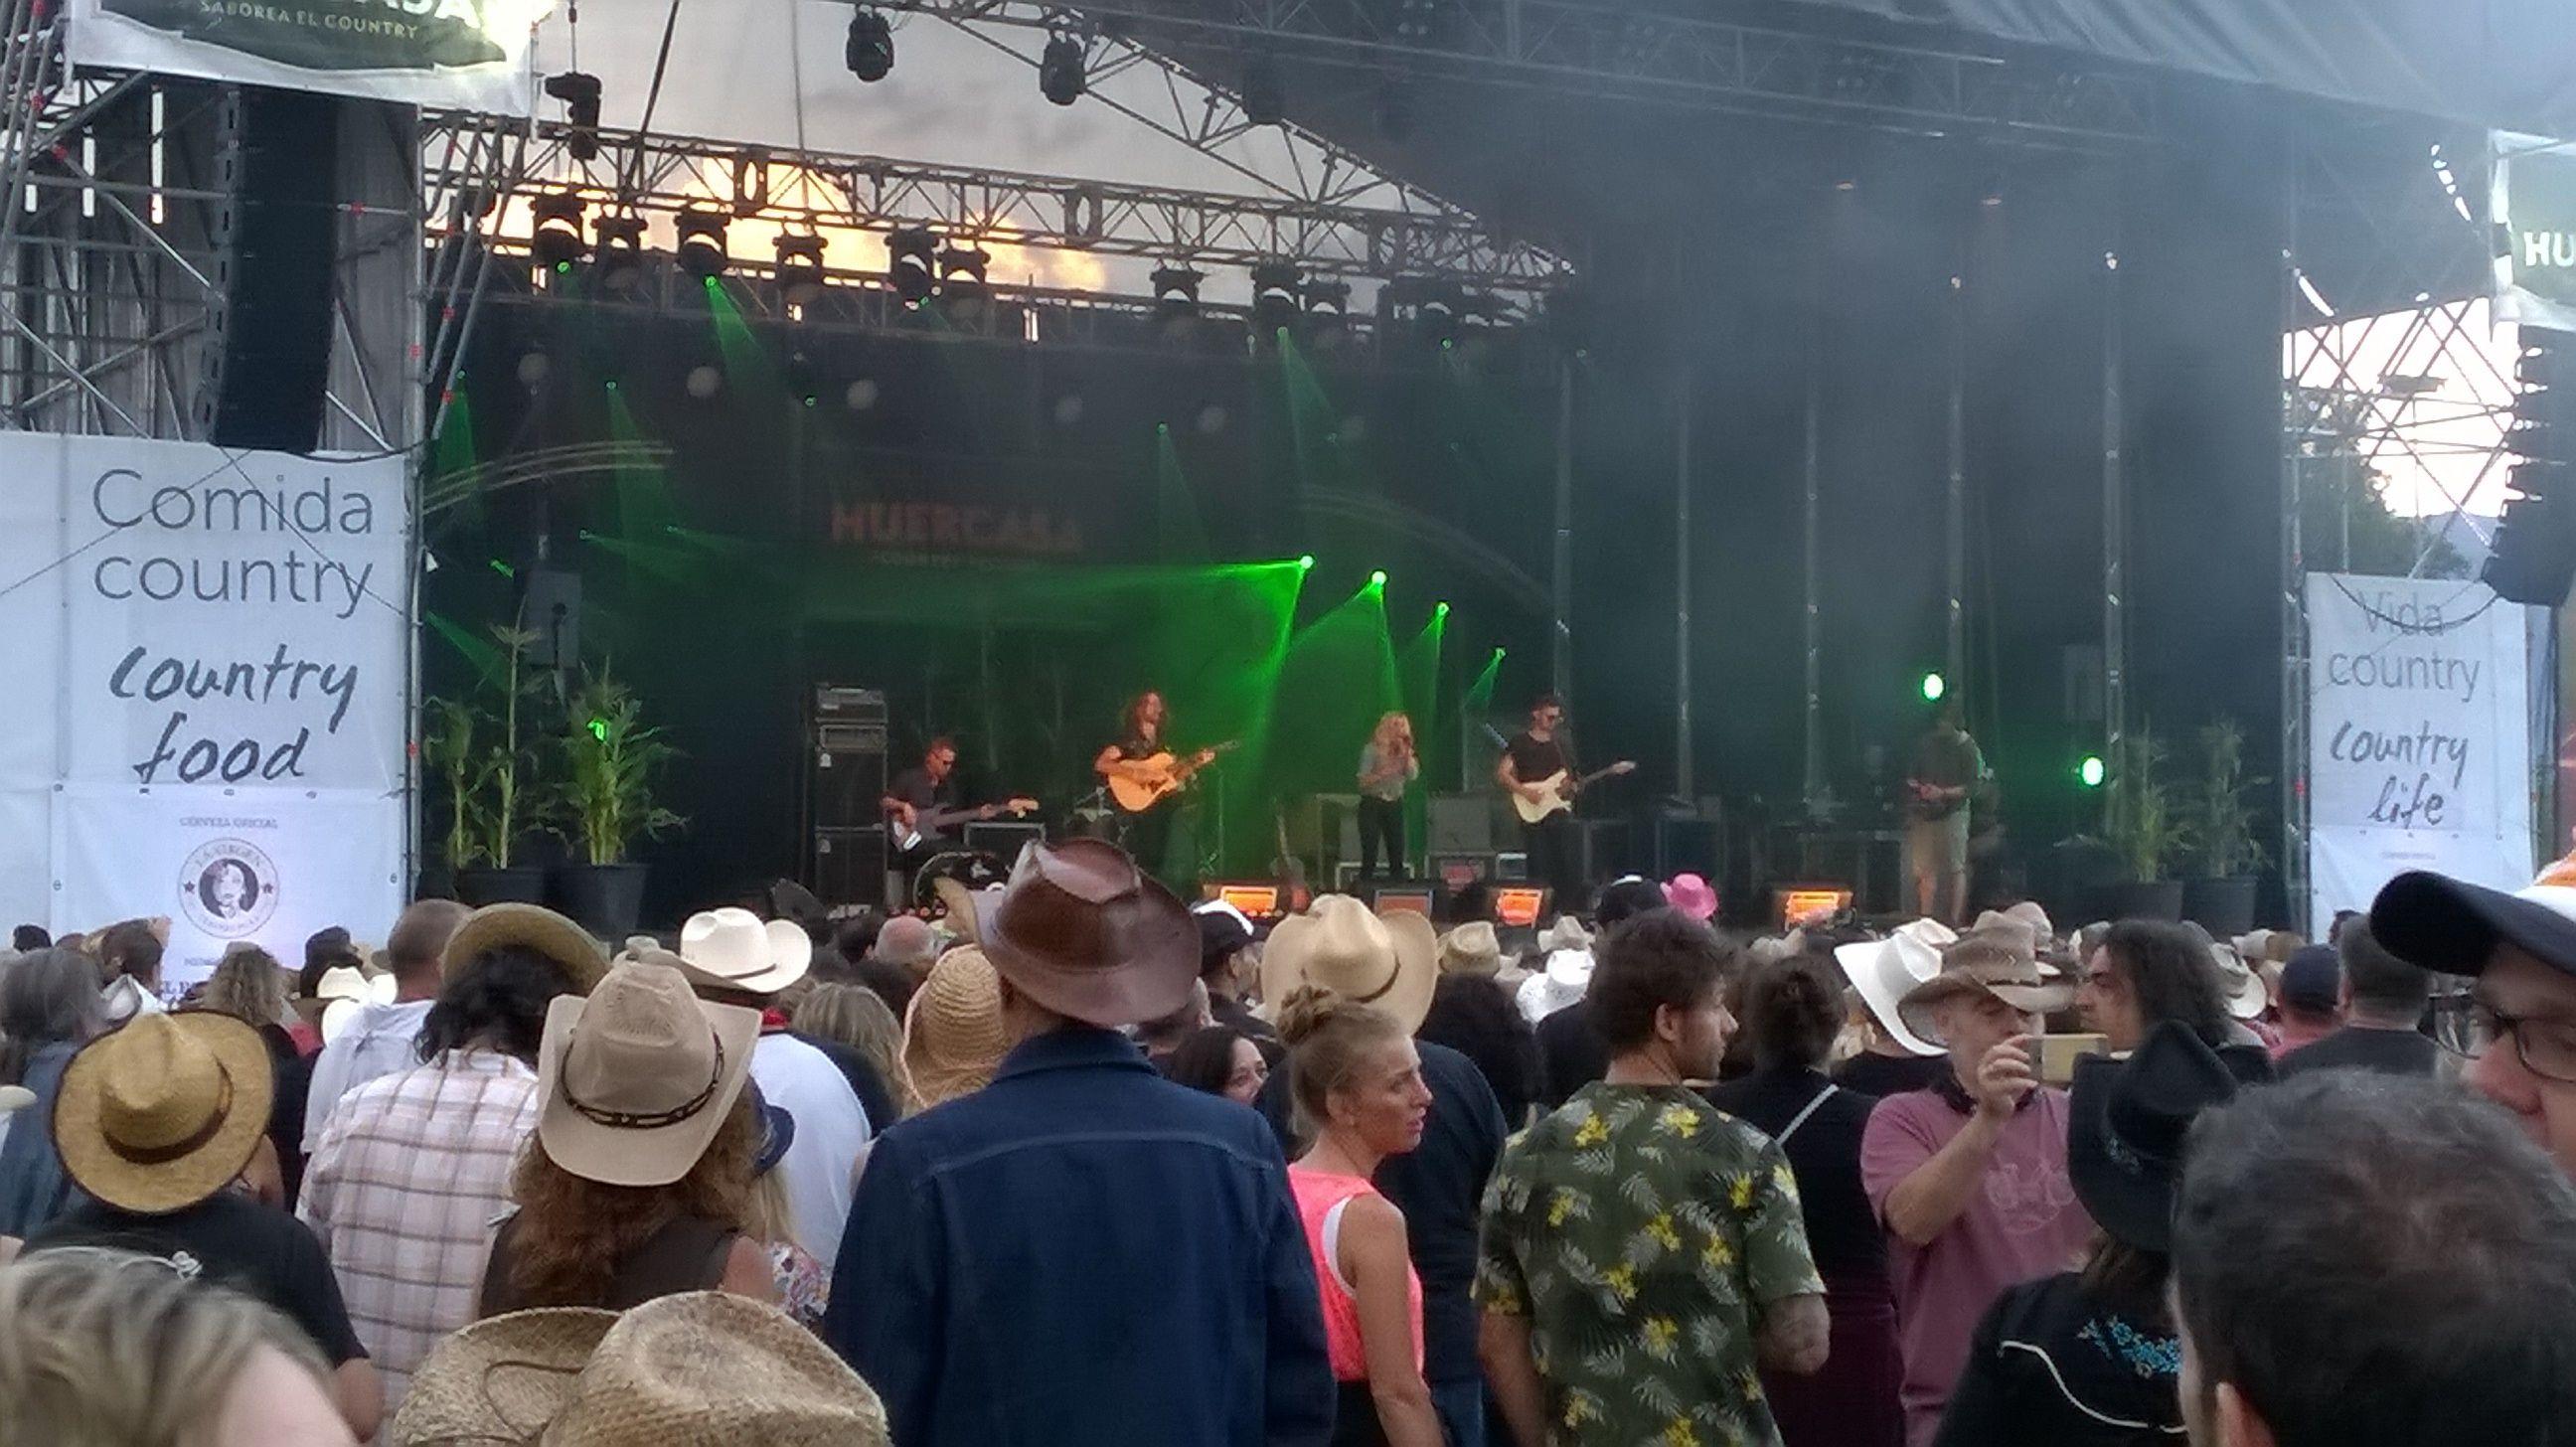 Huercasa Country Festival 2018, otro paso hacia la excelencia